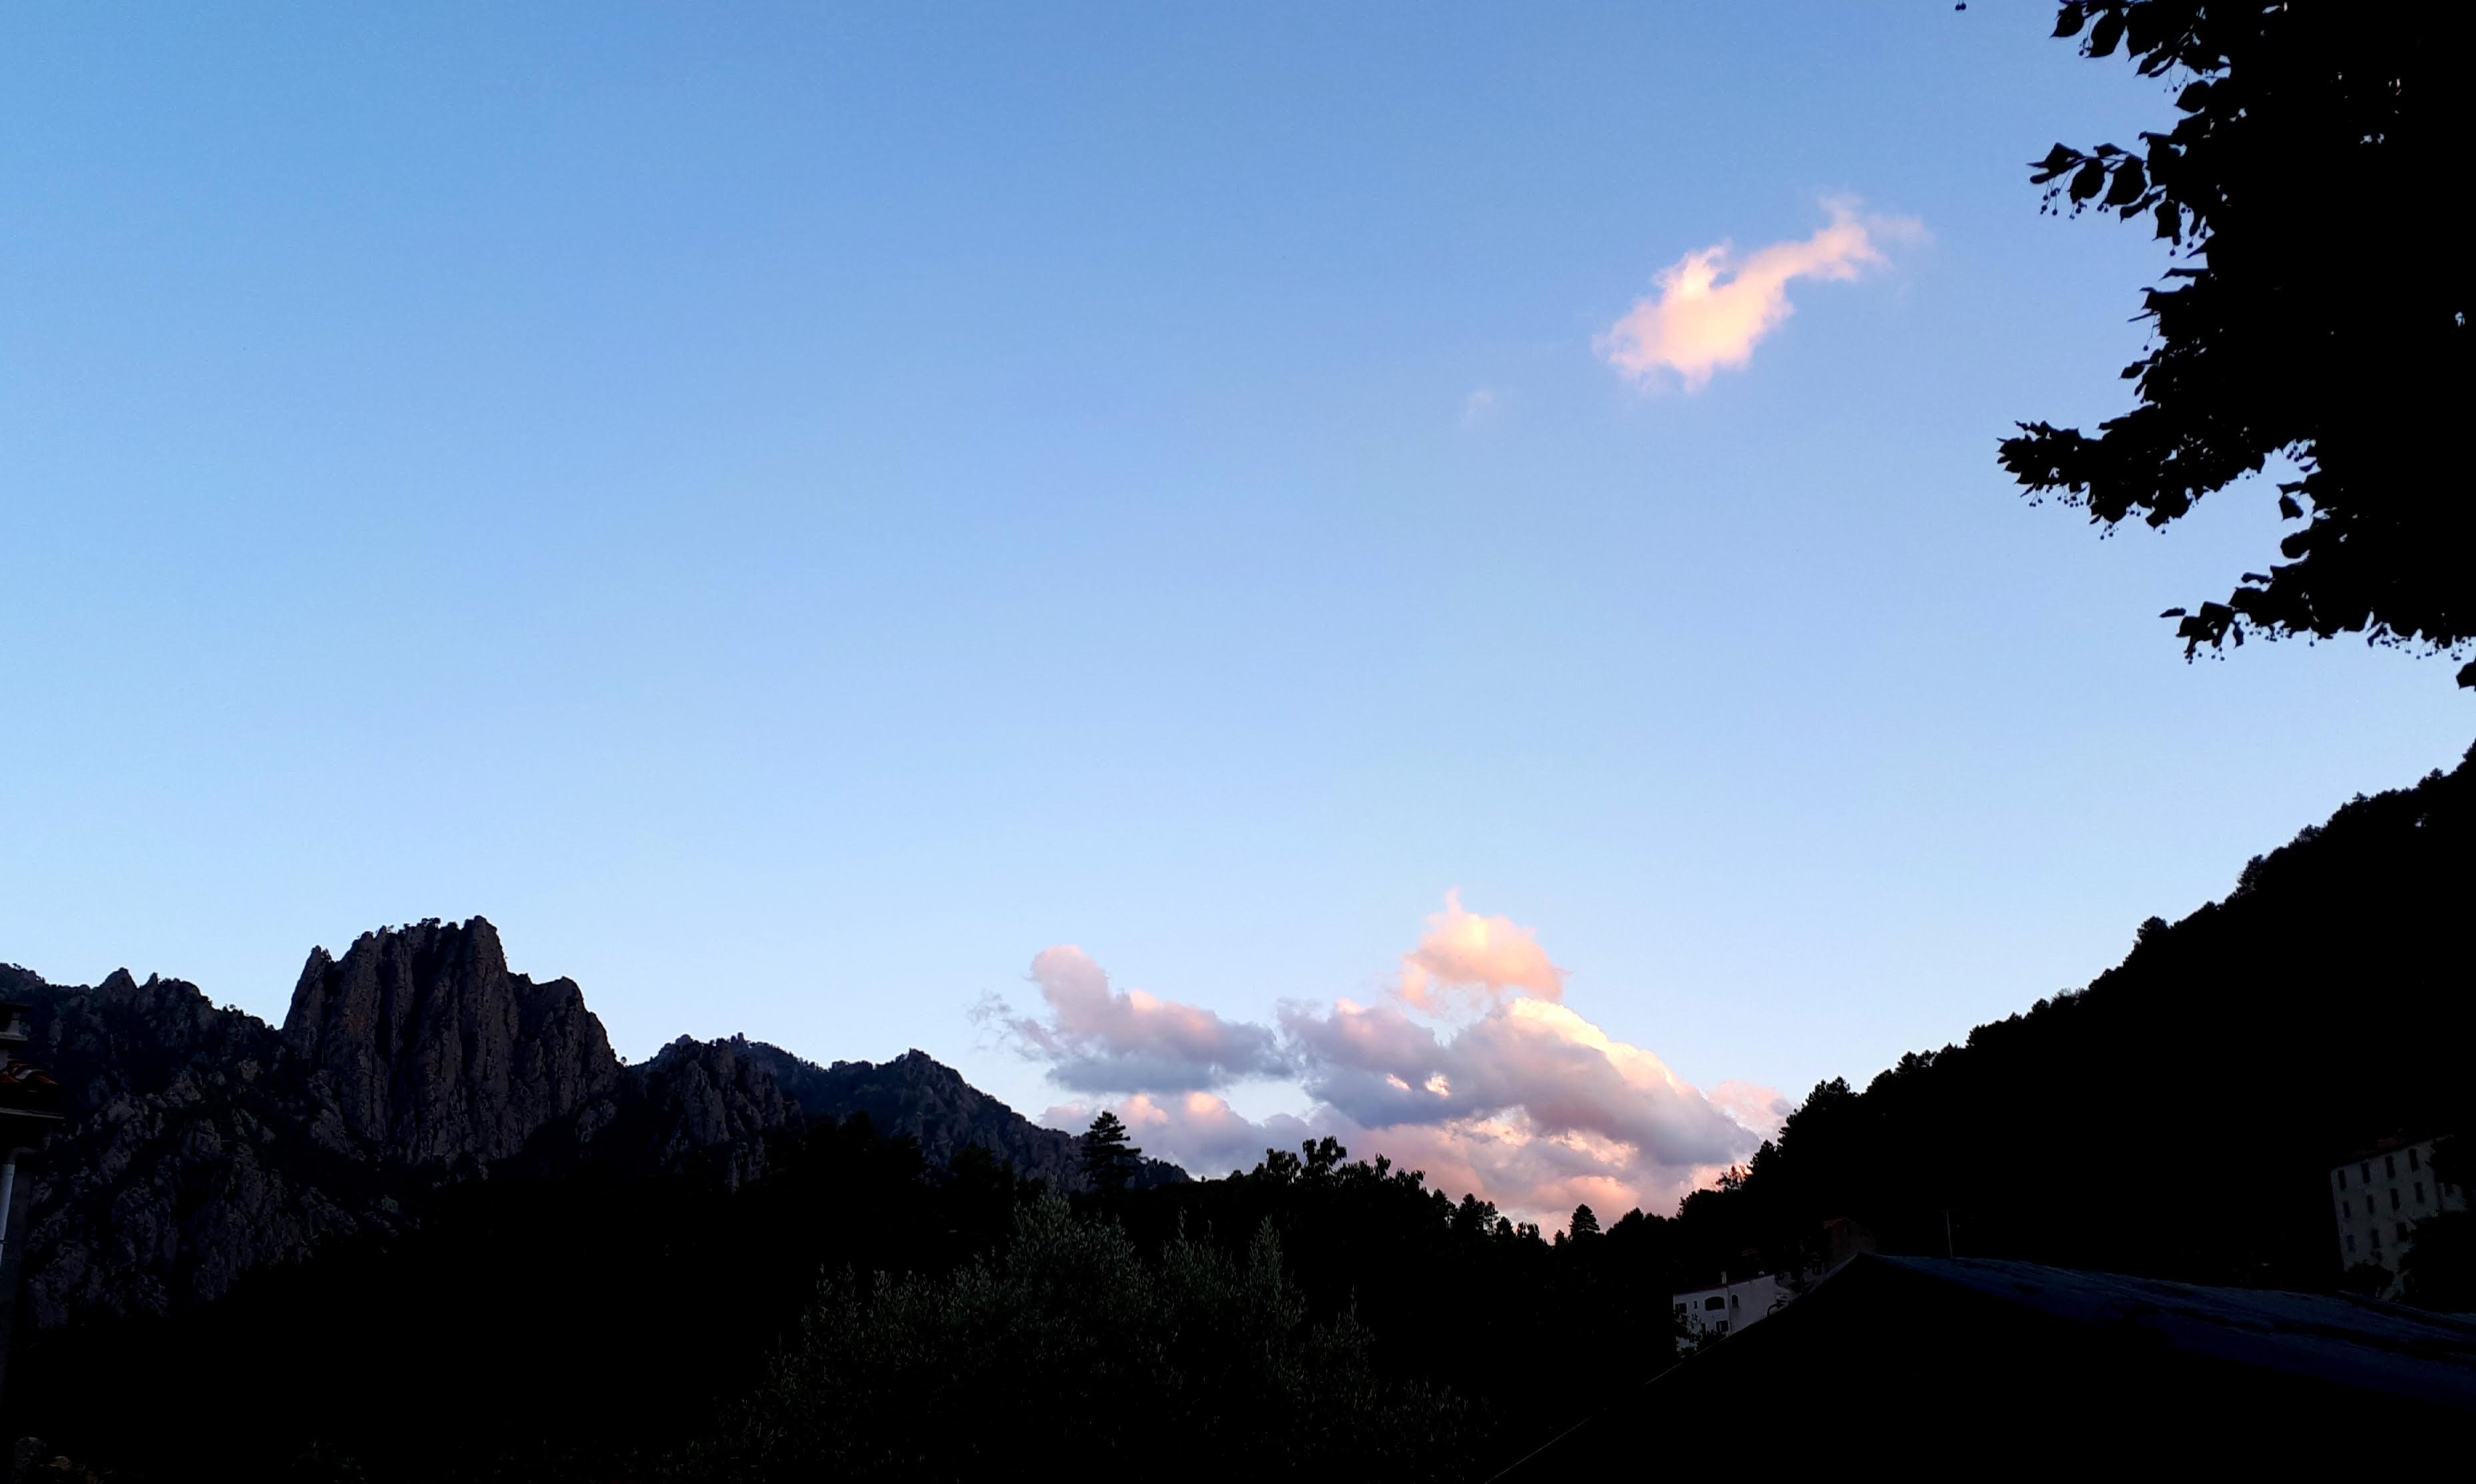 Depuis Ghisoni, vue sur un coucher de soleil vers le col de Verde, avec au premier plan le Kyrie Eleïson dominant le village. (R. Ottavi)